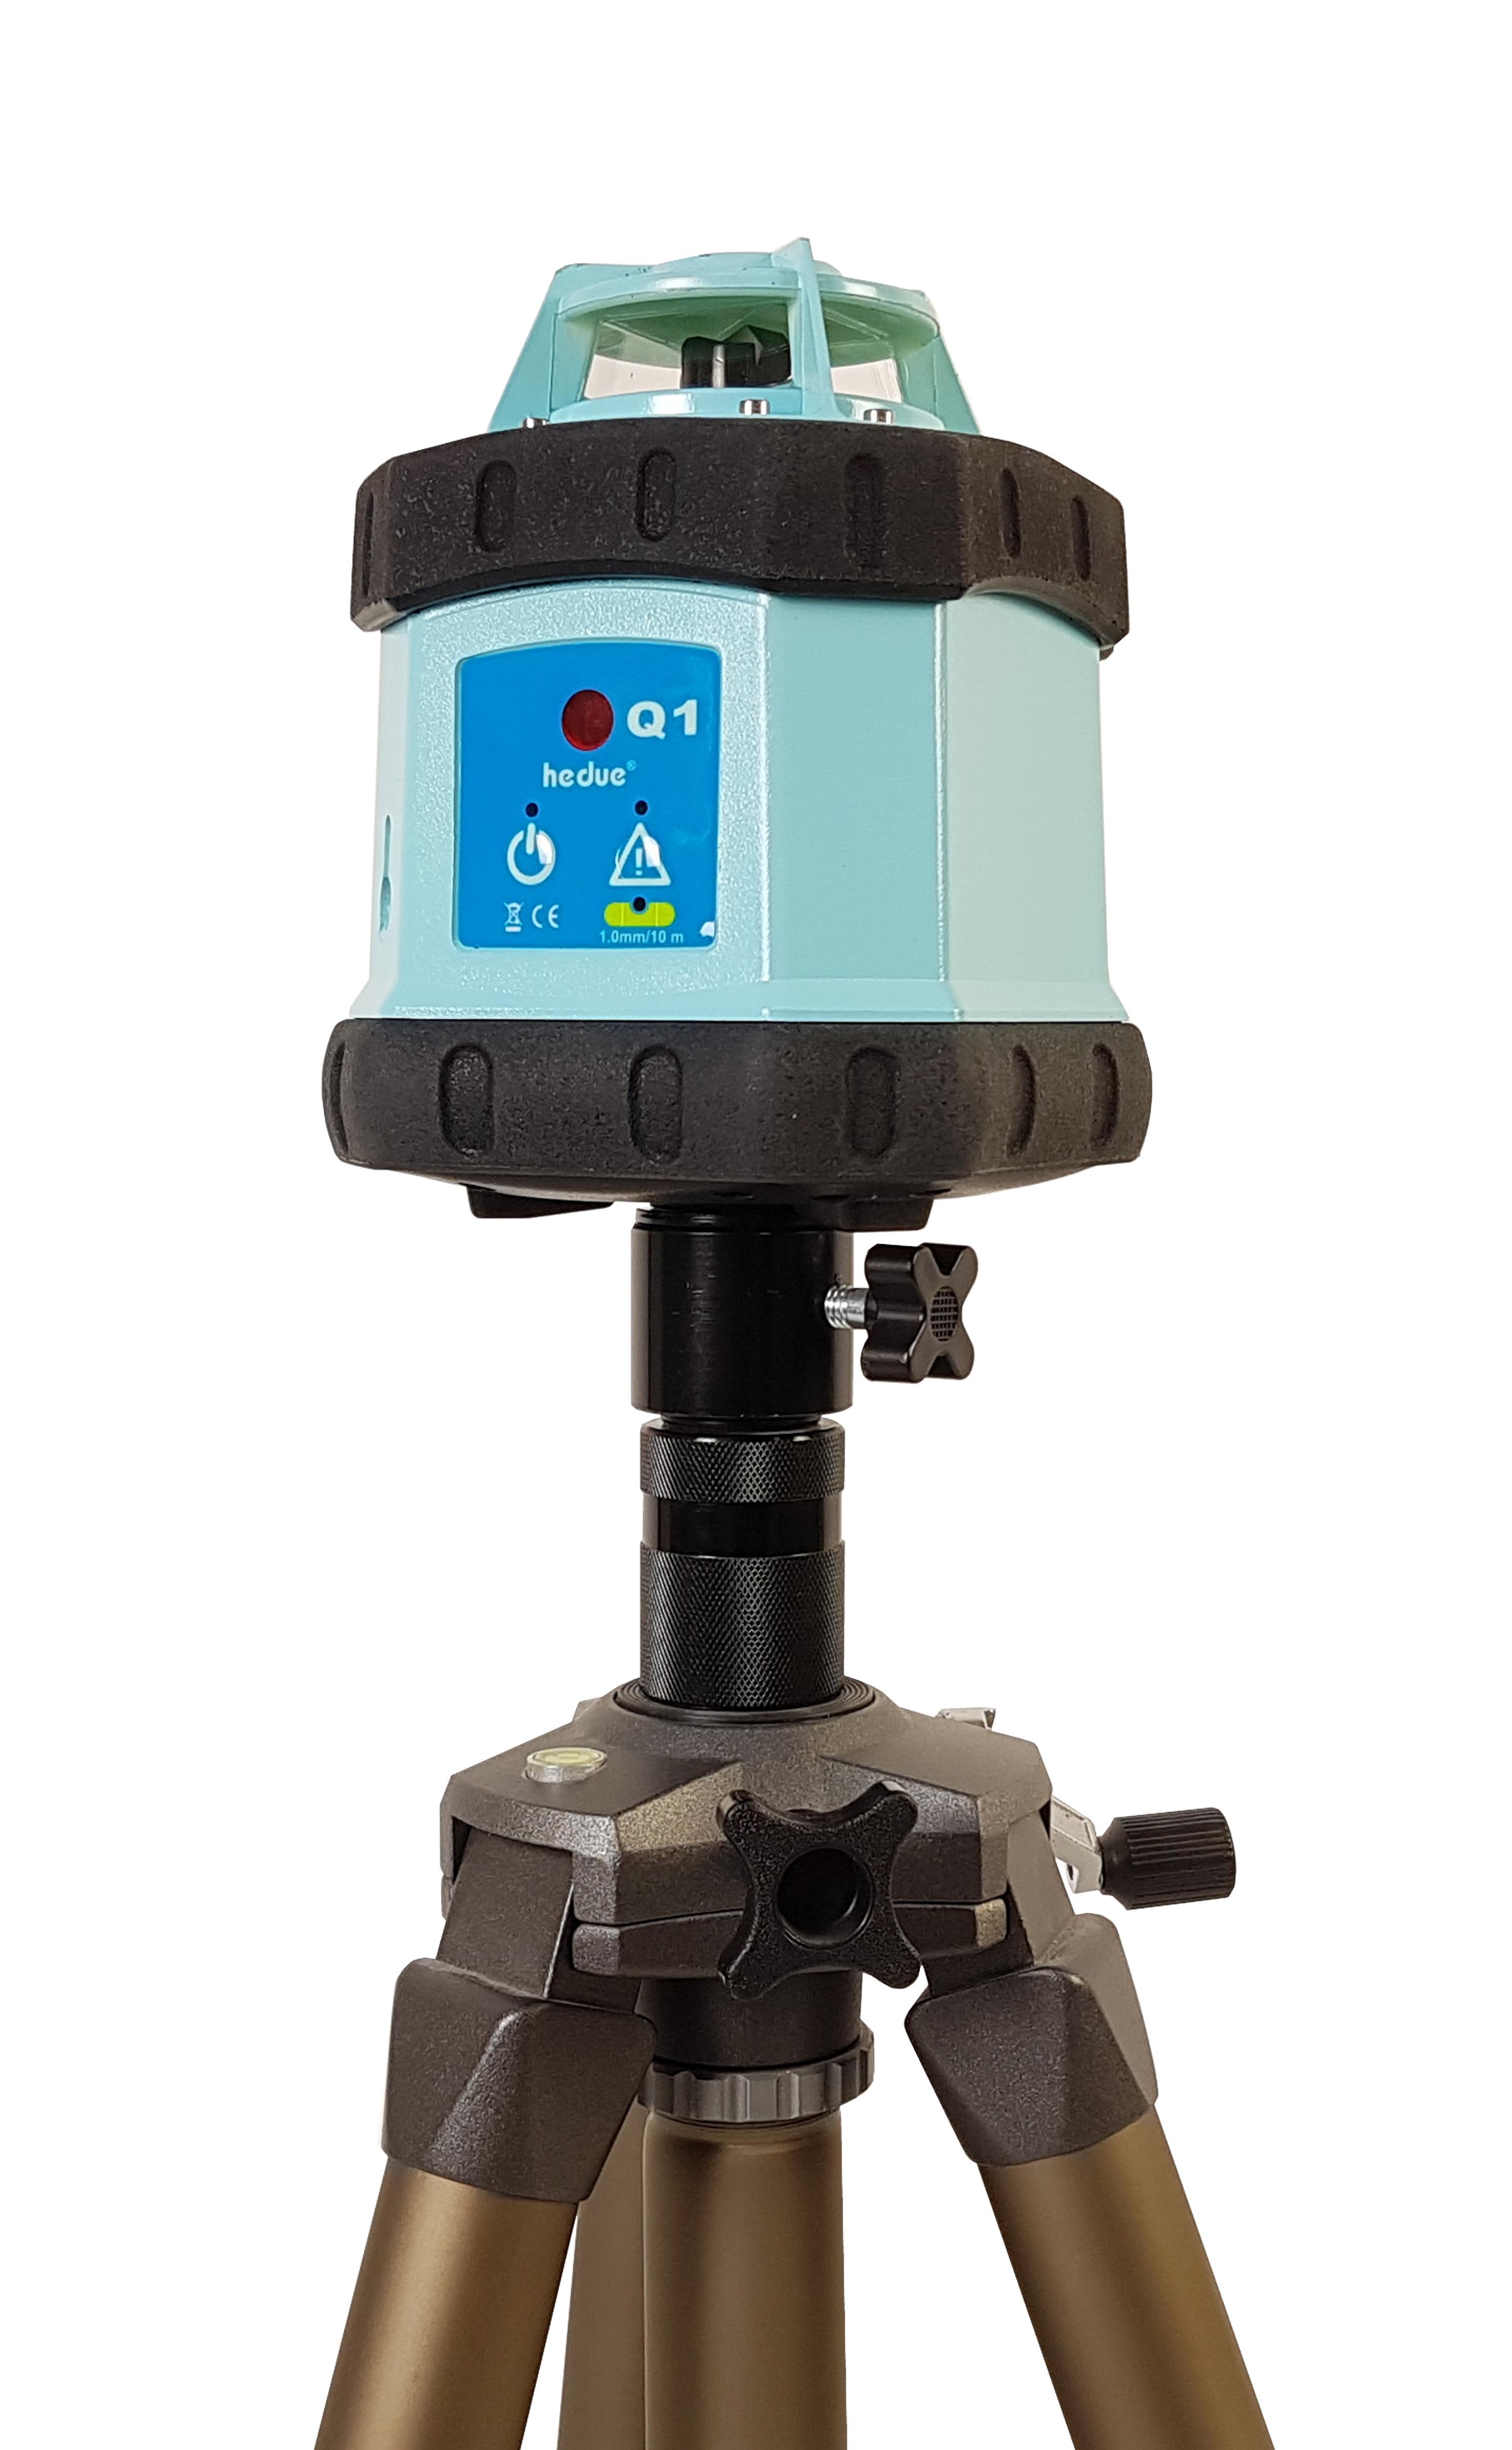 Laser rotatif hedue Q1